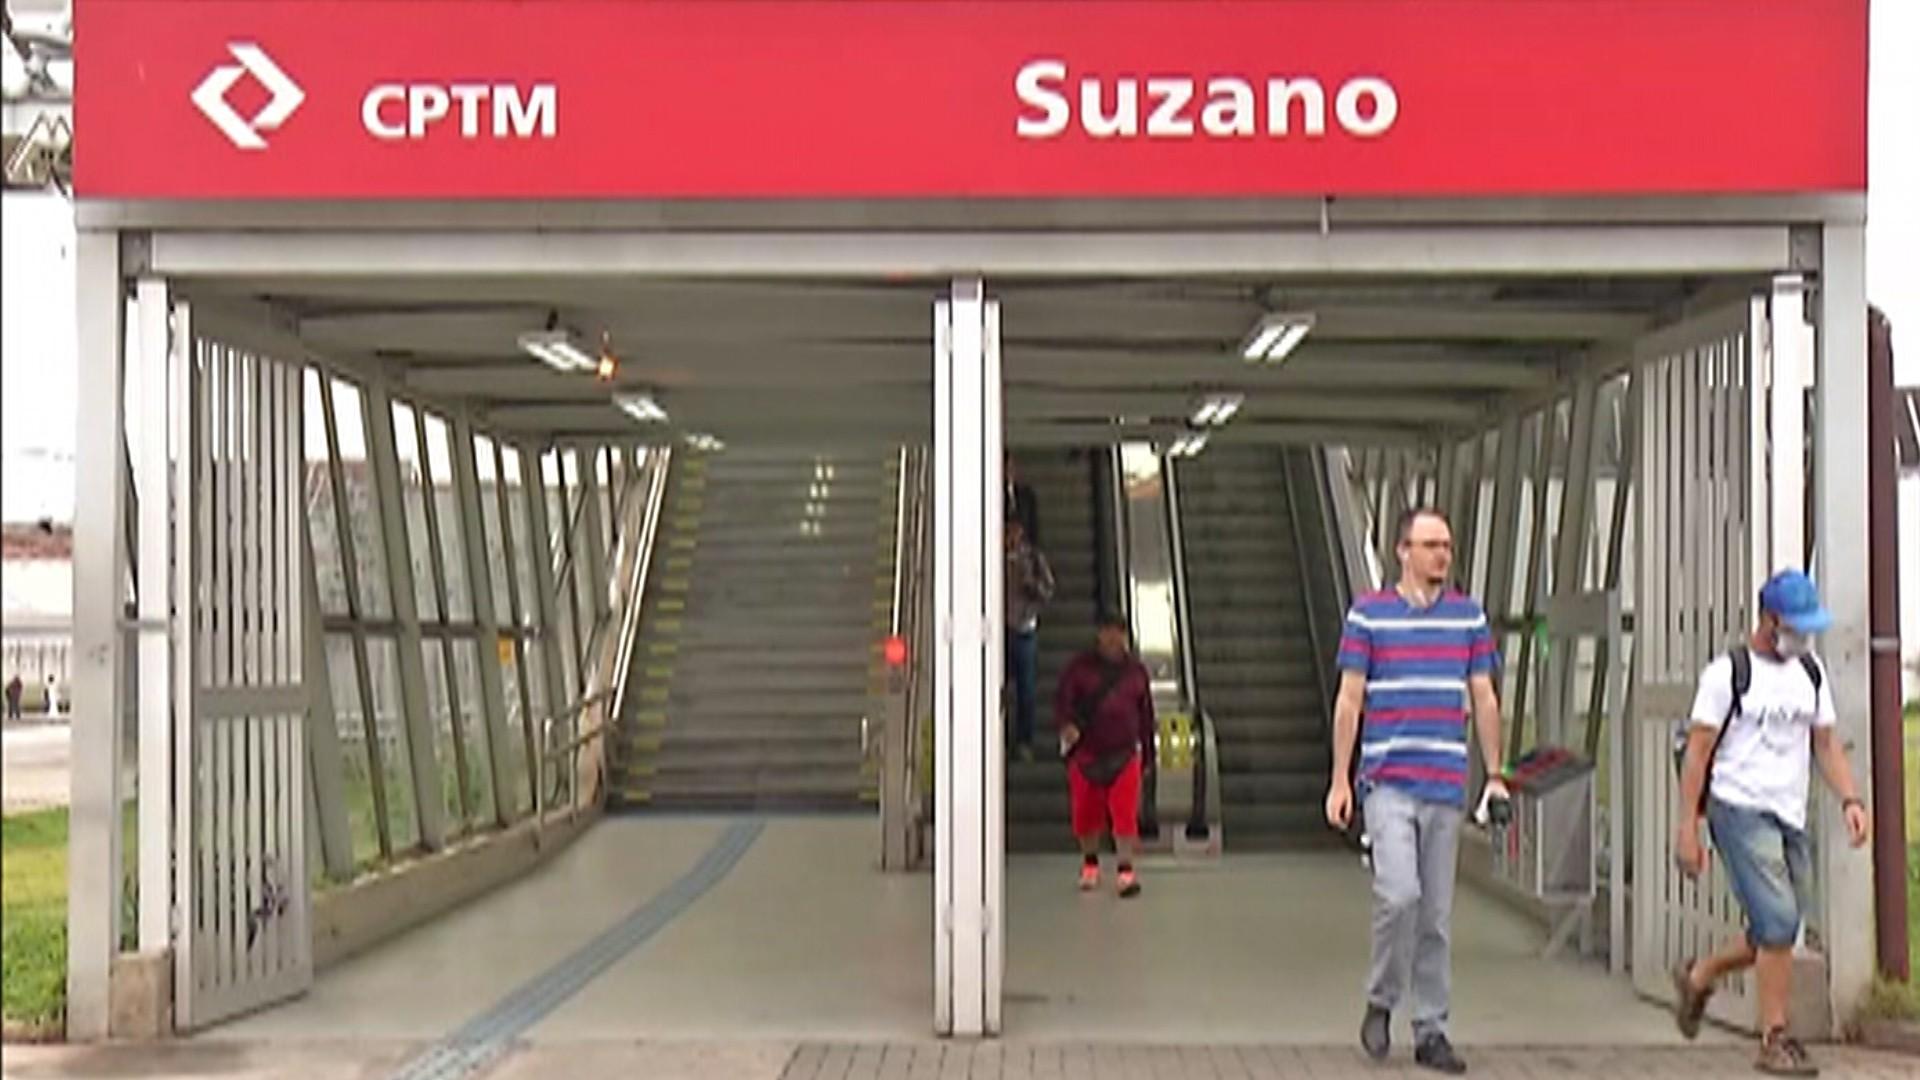 Plataformas de estações ficam vazias e rotina do transporte público muda no Alto Tietê por causa do coronavírus